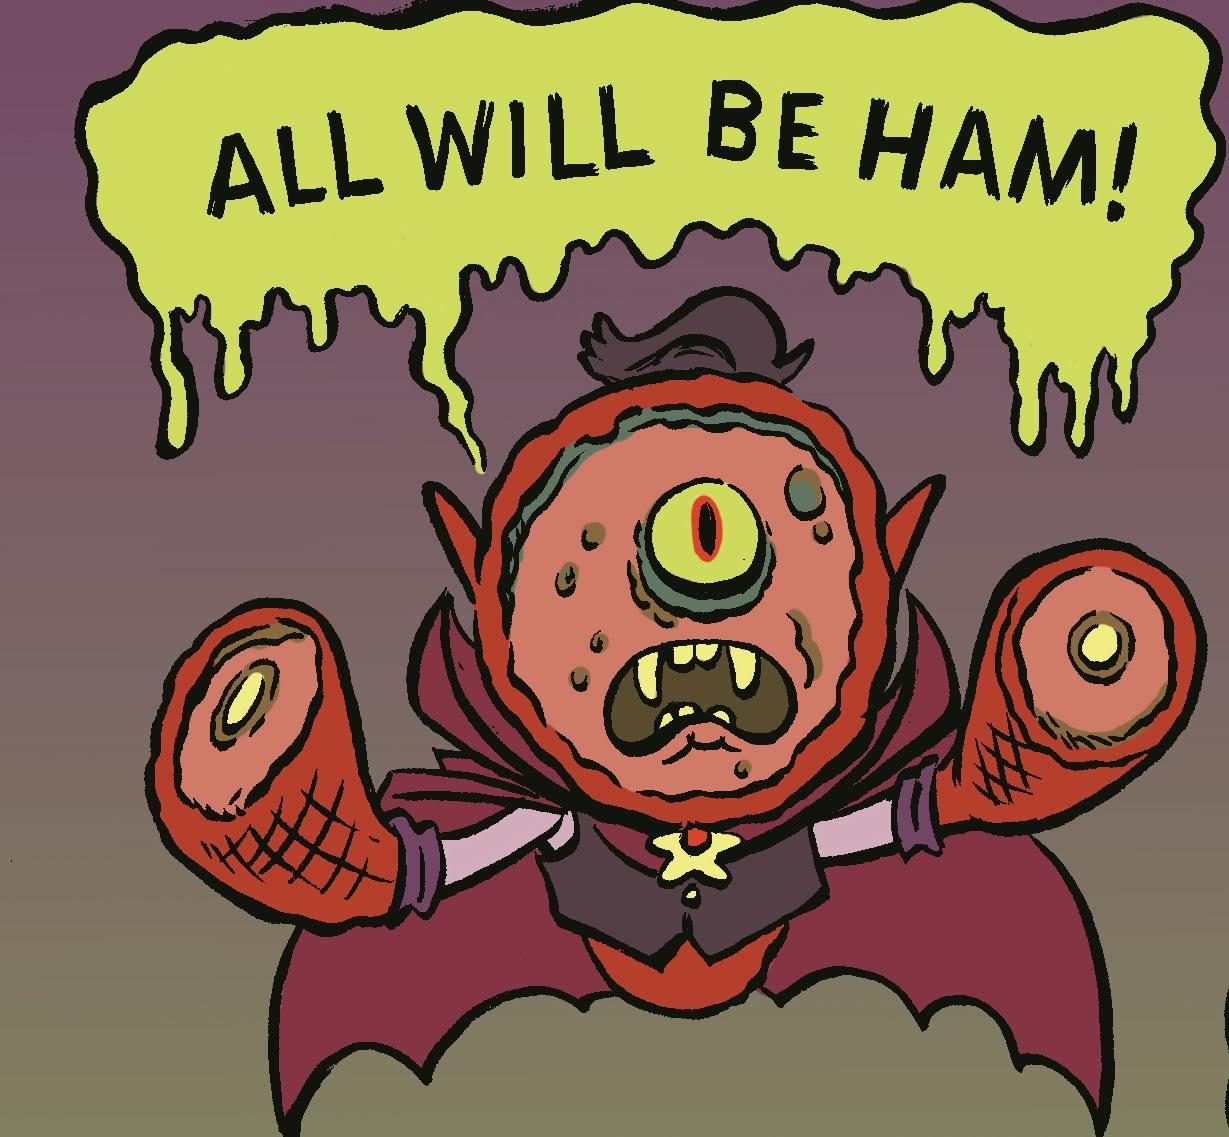 Ham-Pire